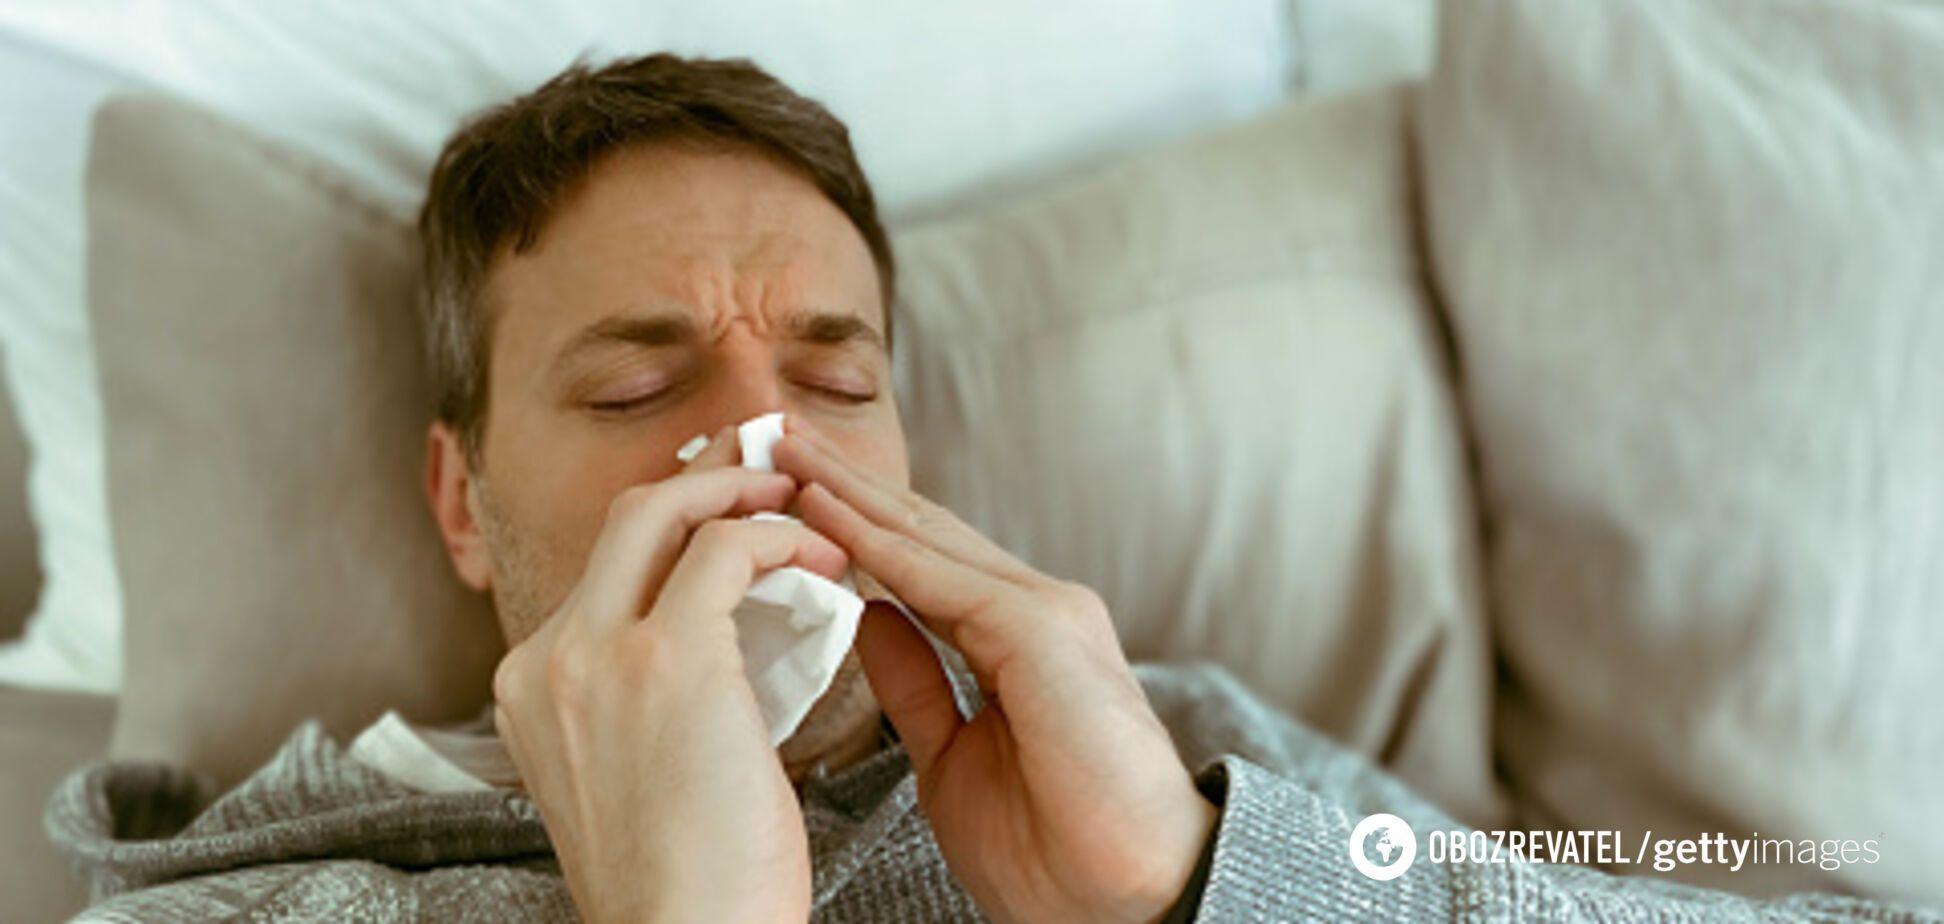 Врачи назвали самый серьезный симптом коронавируса